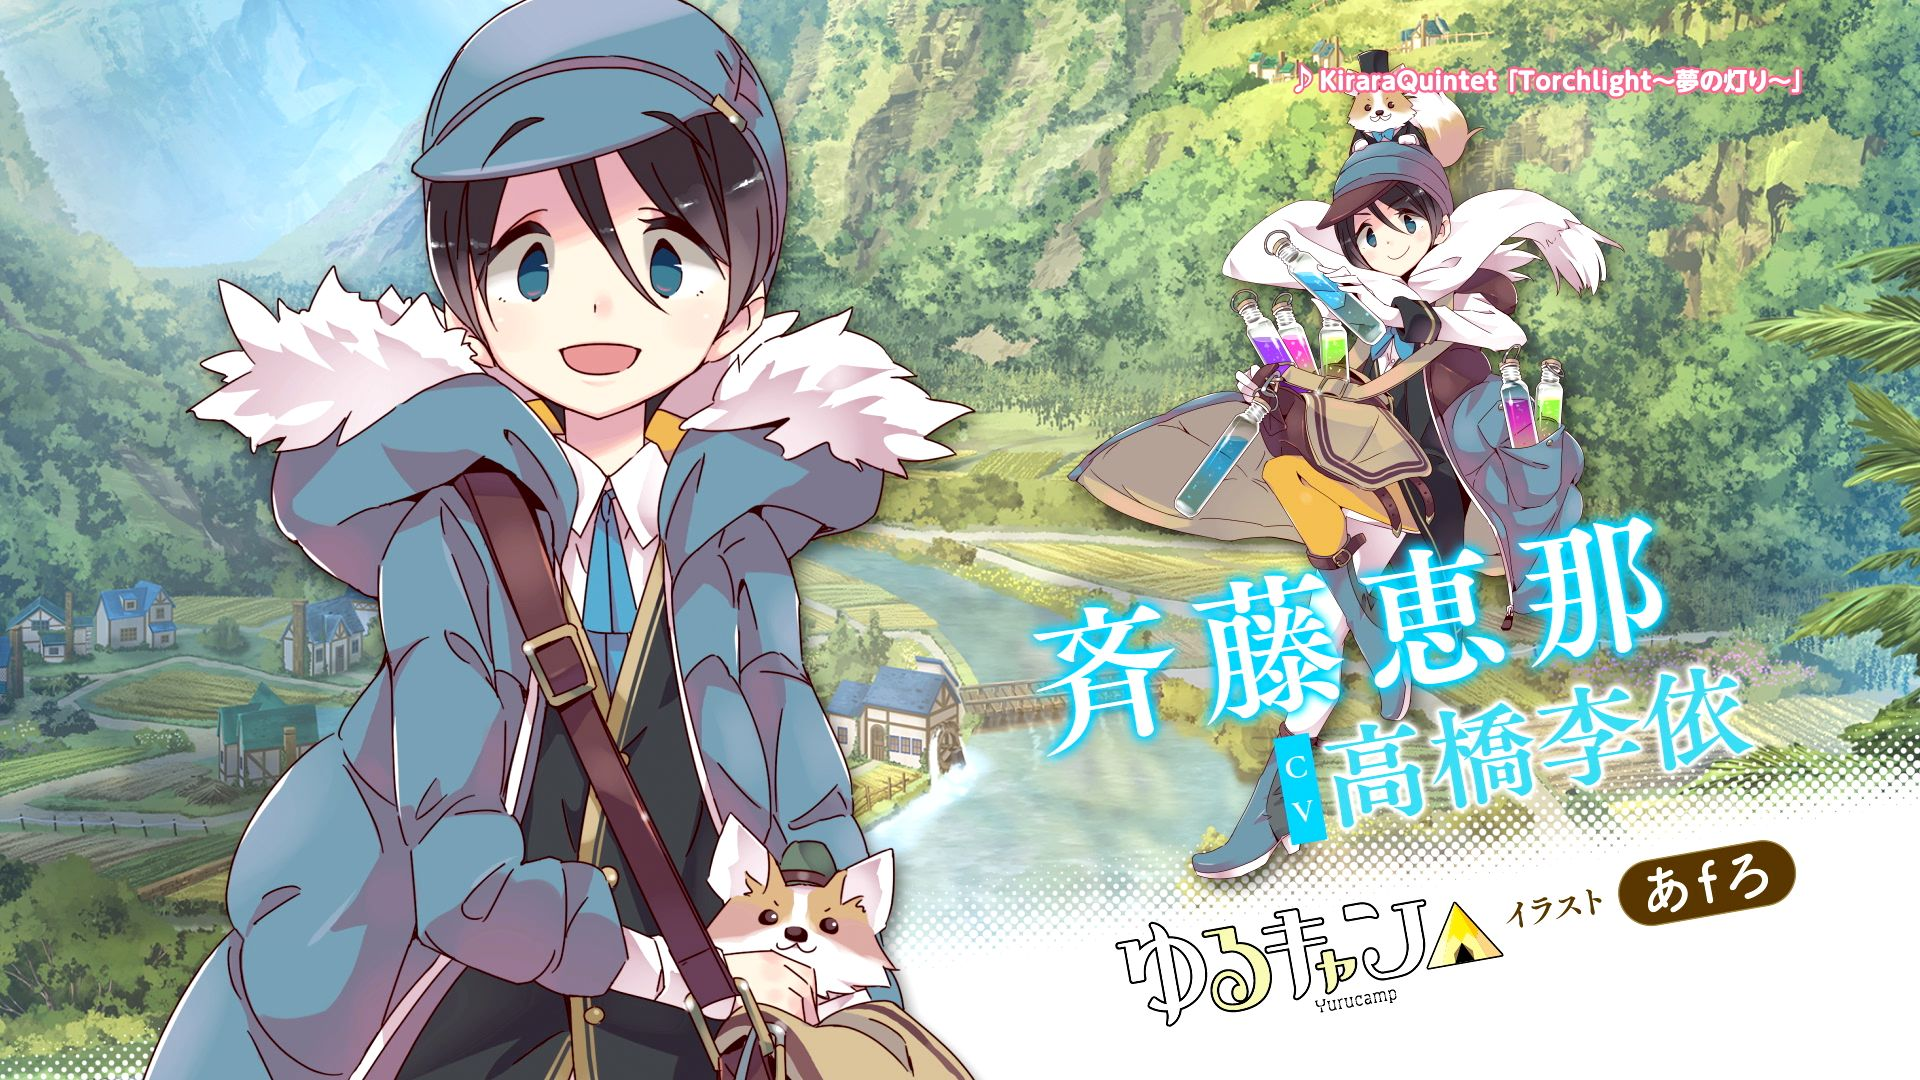 『きららファンタジア』に『ゆるキャン△』が参戦決定!